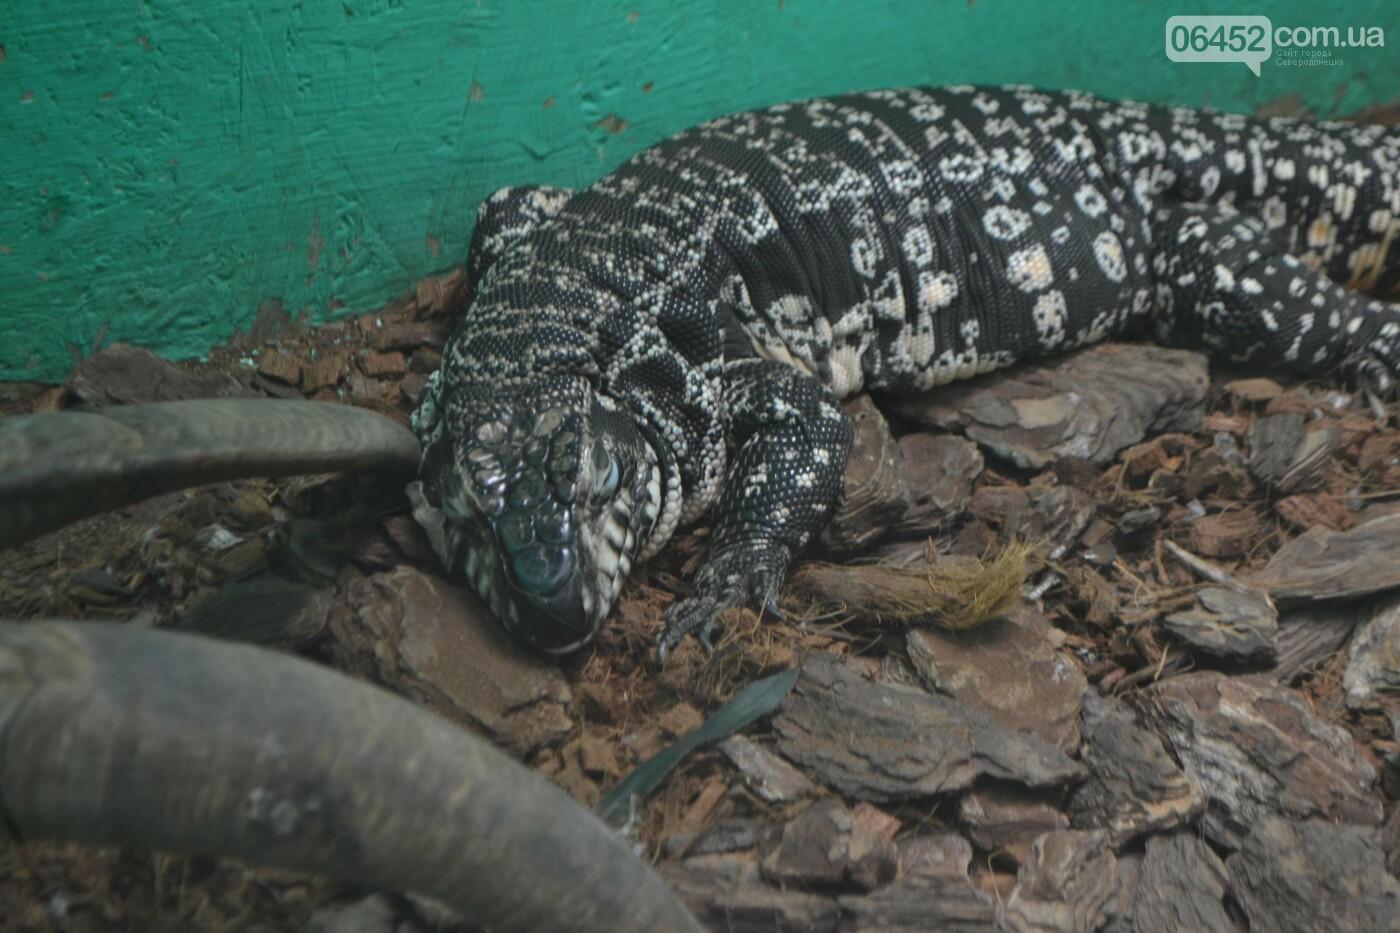 В Северодонецке открылась выставка экзотических рептилий (фото) , фото-6